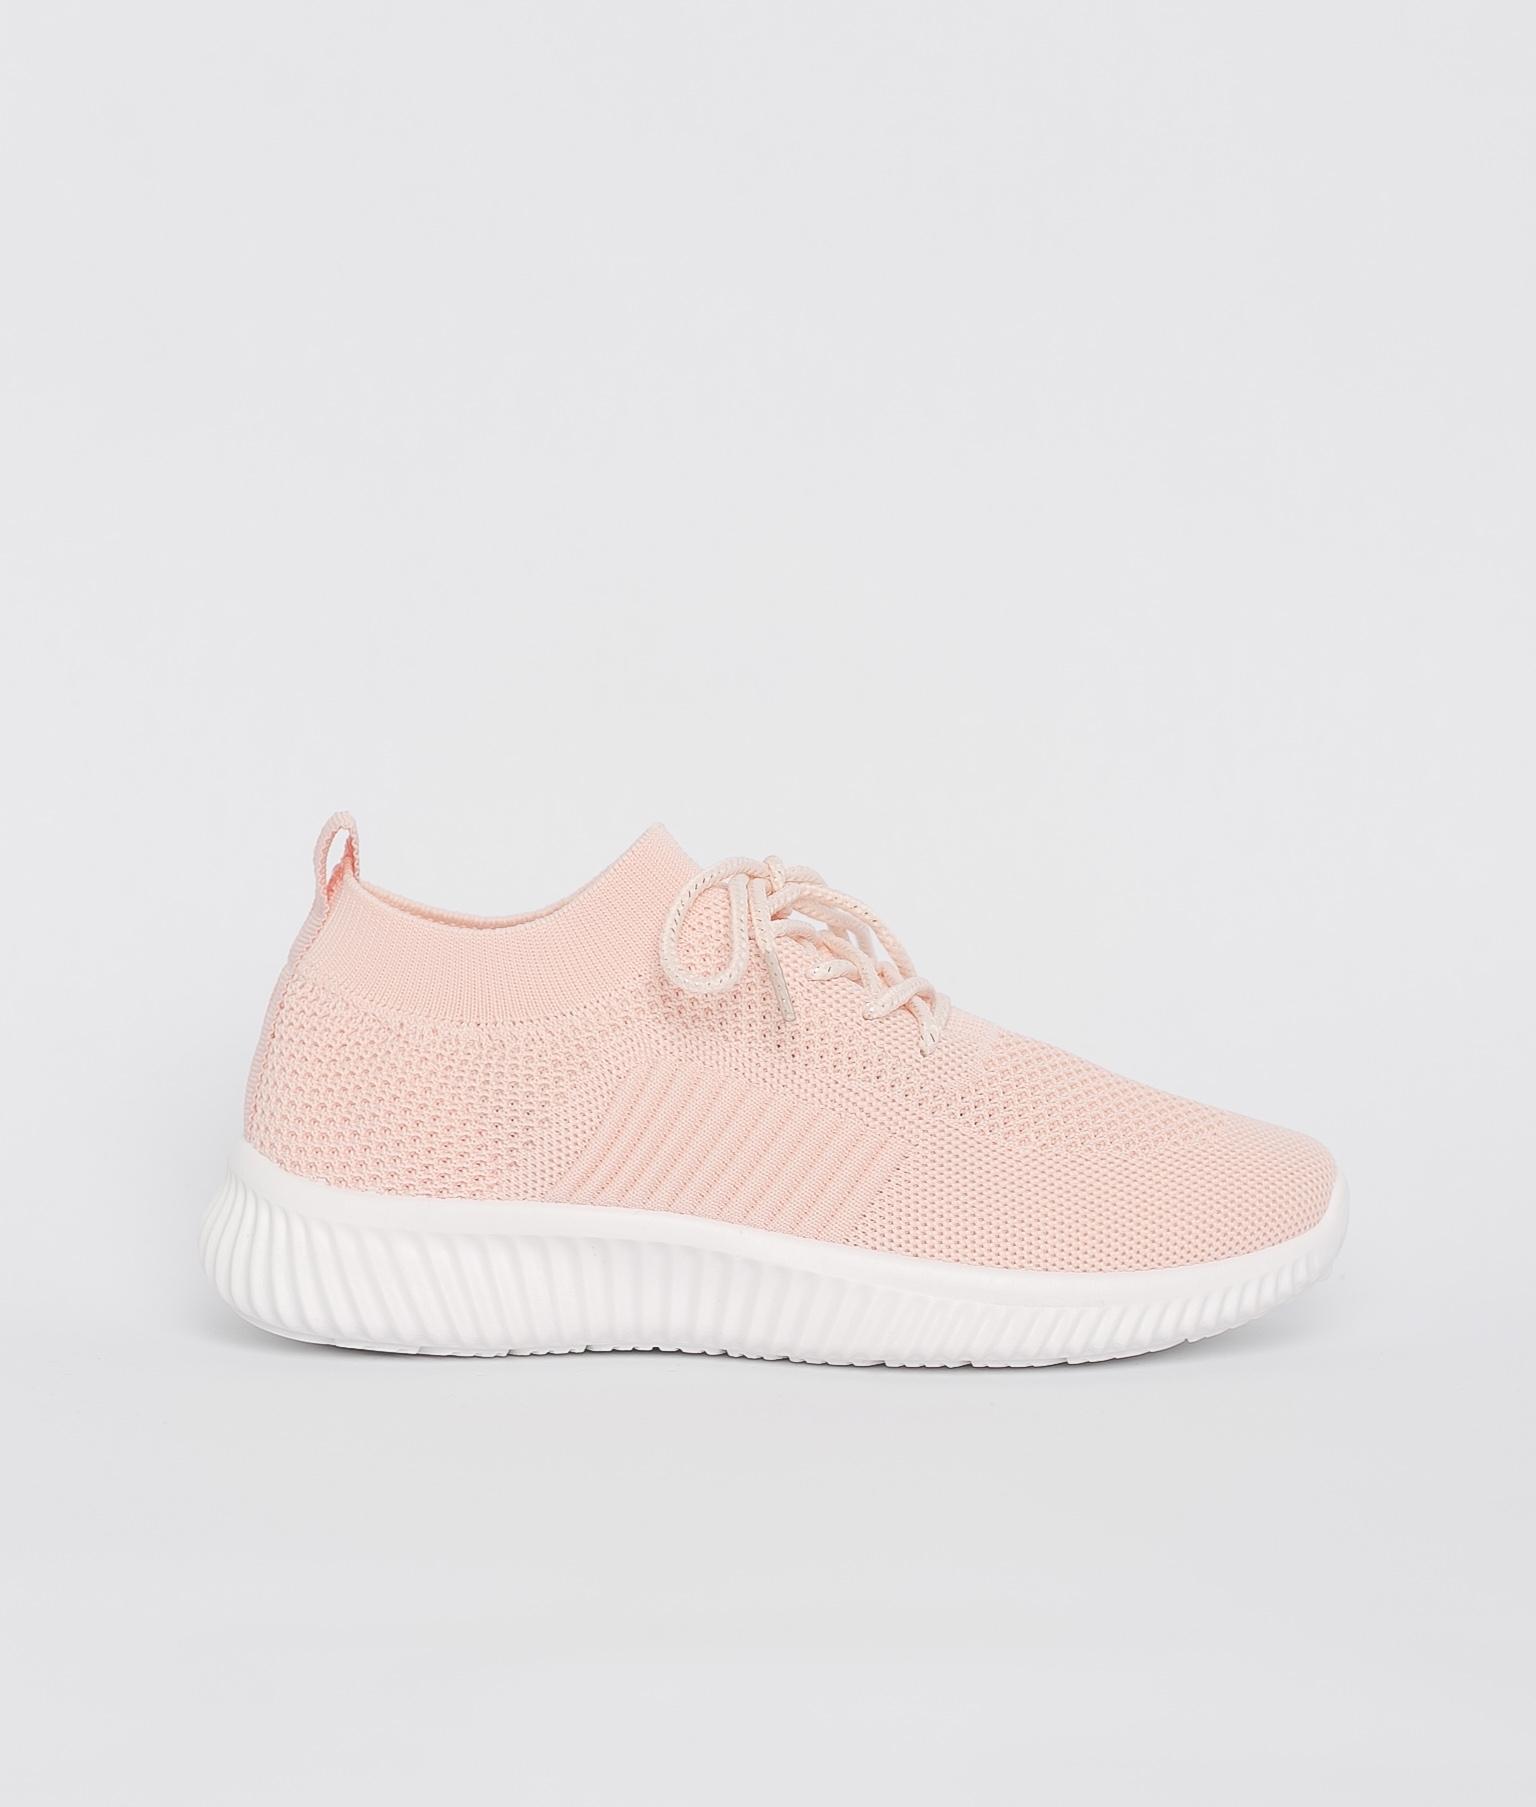 Sneakers Dama - Rosa